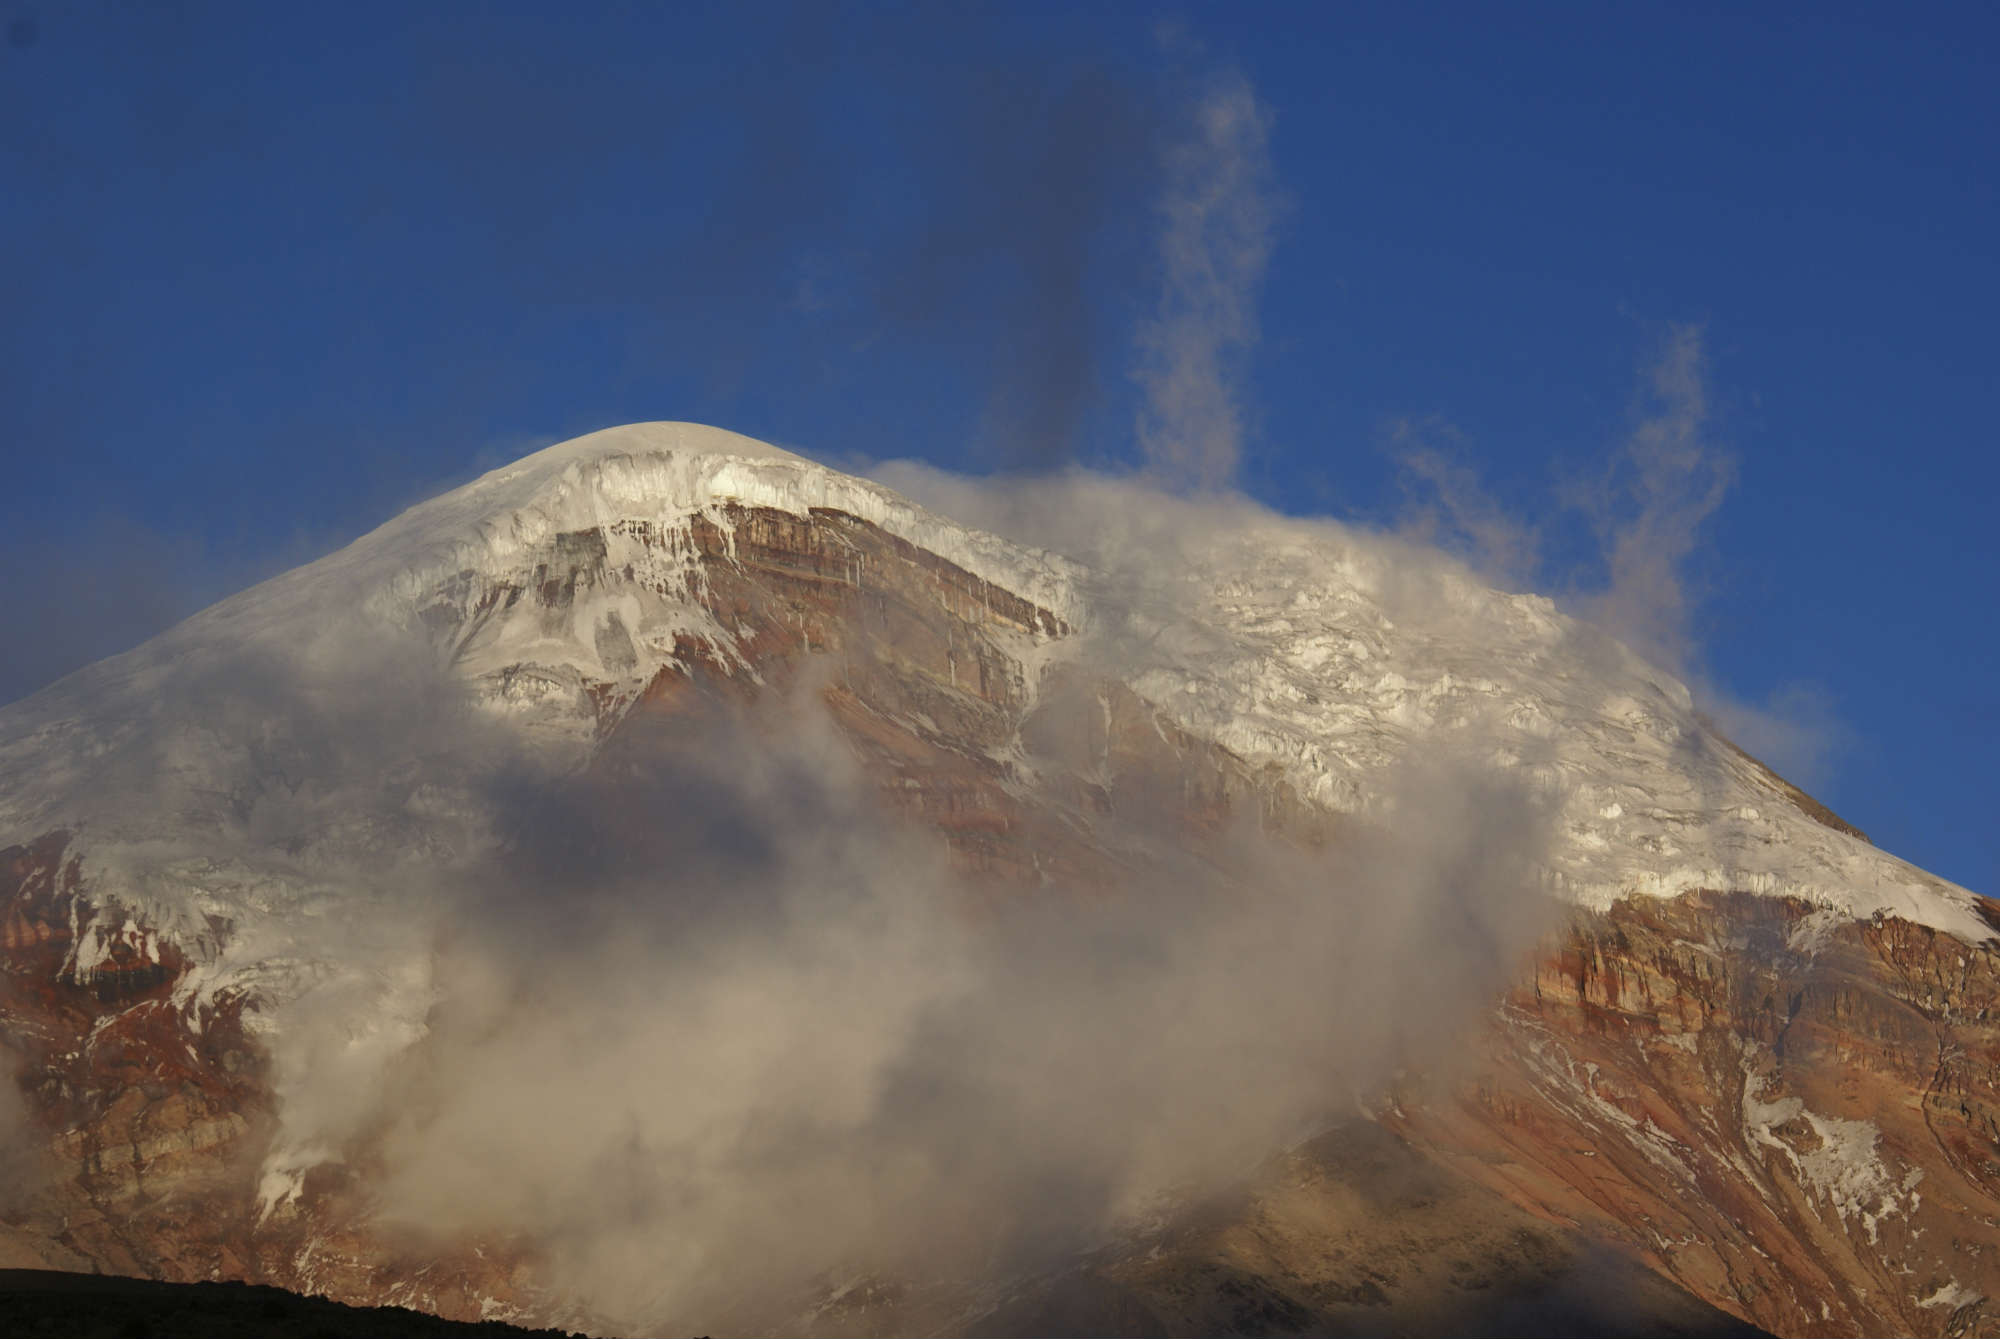 チンボラソ(6,310m)登頂12日間